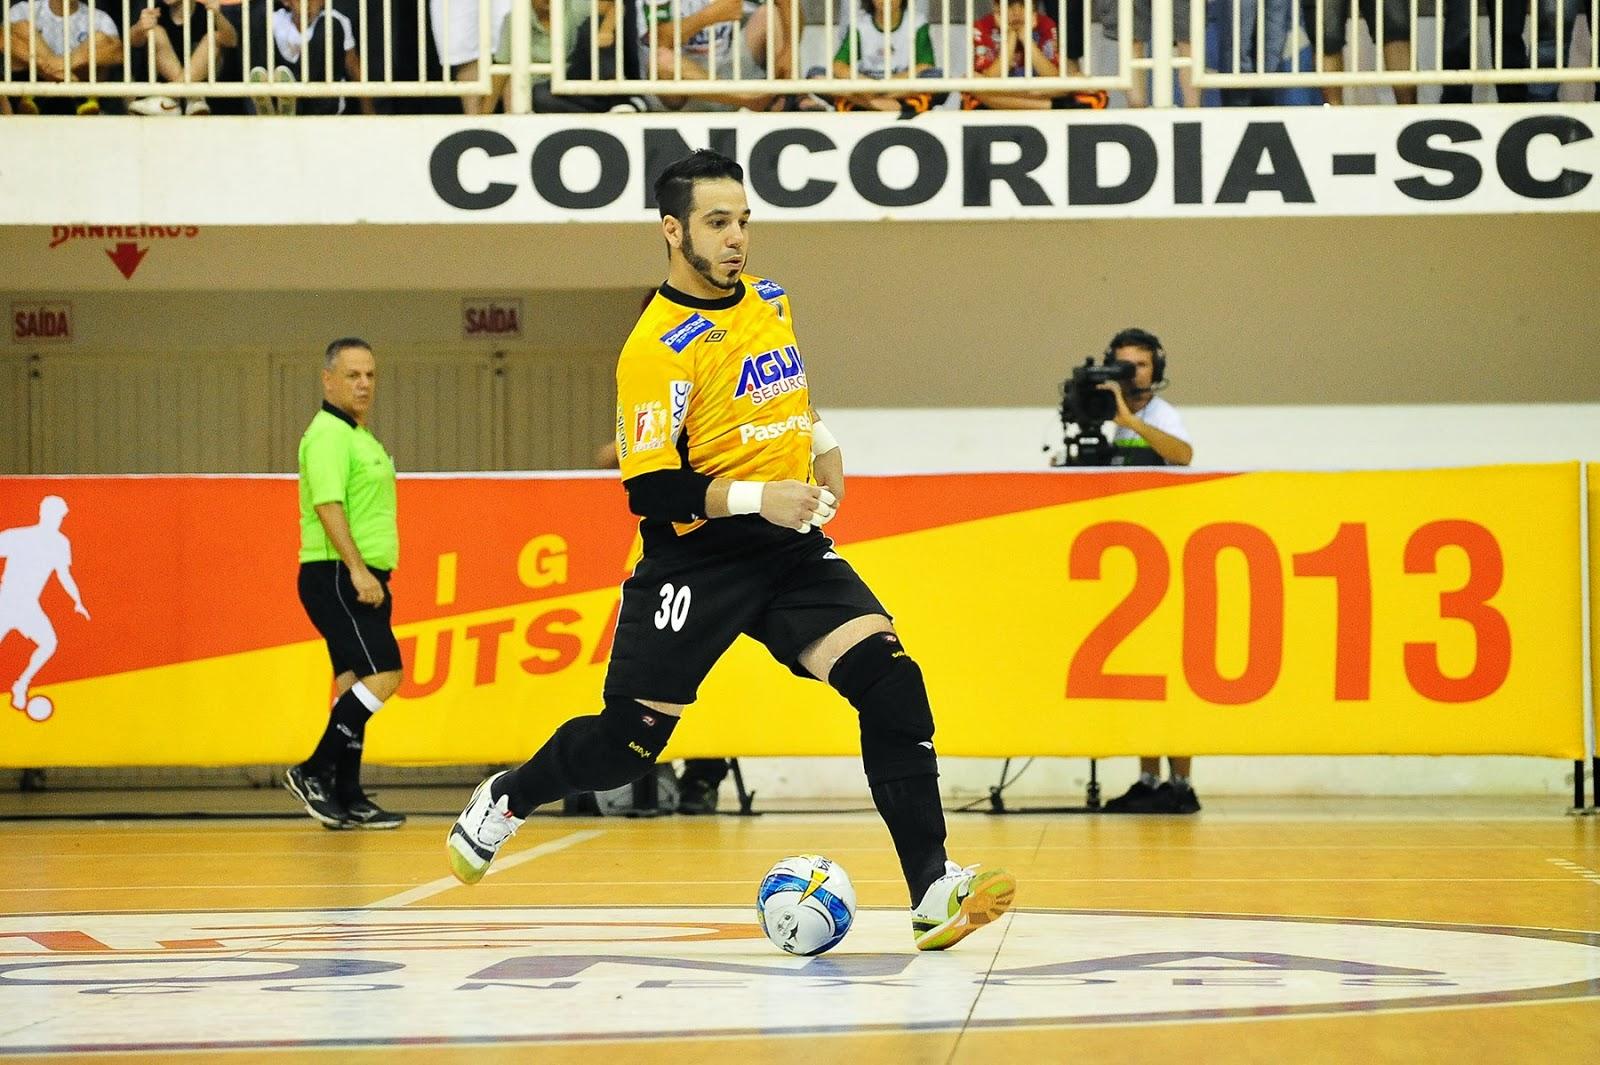 O goleiro do Concórdia foi um dos grandes pilares da equipe catarinense na  conquista do vice-campeonato da Liga. Gian é relativamente jovem d7a3441349f1f